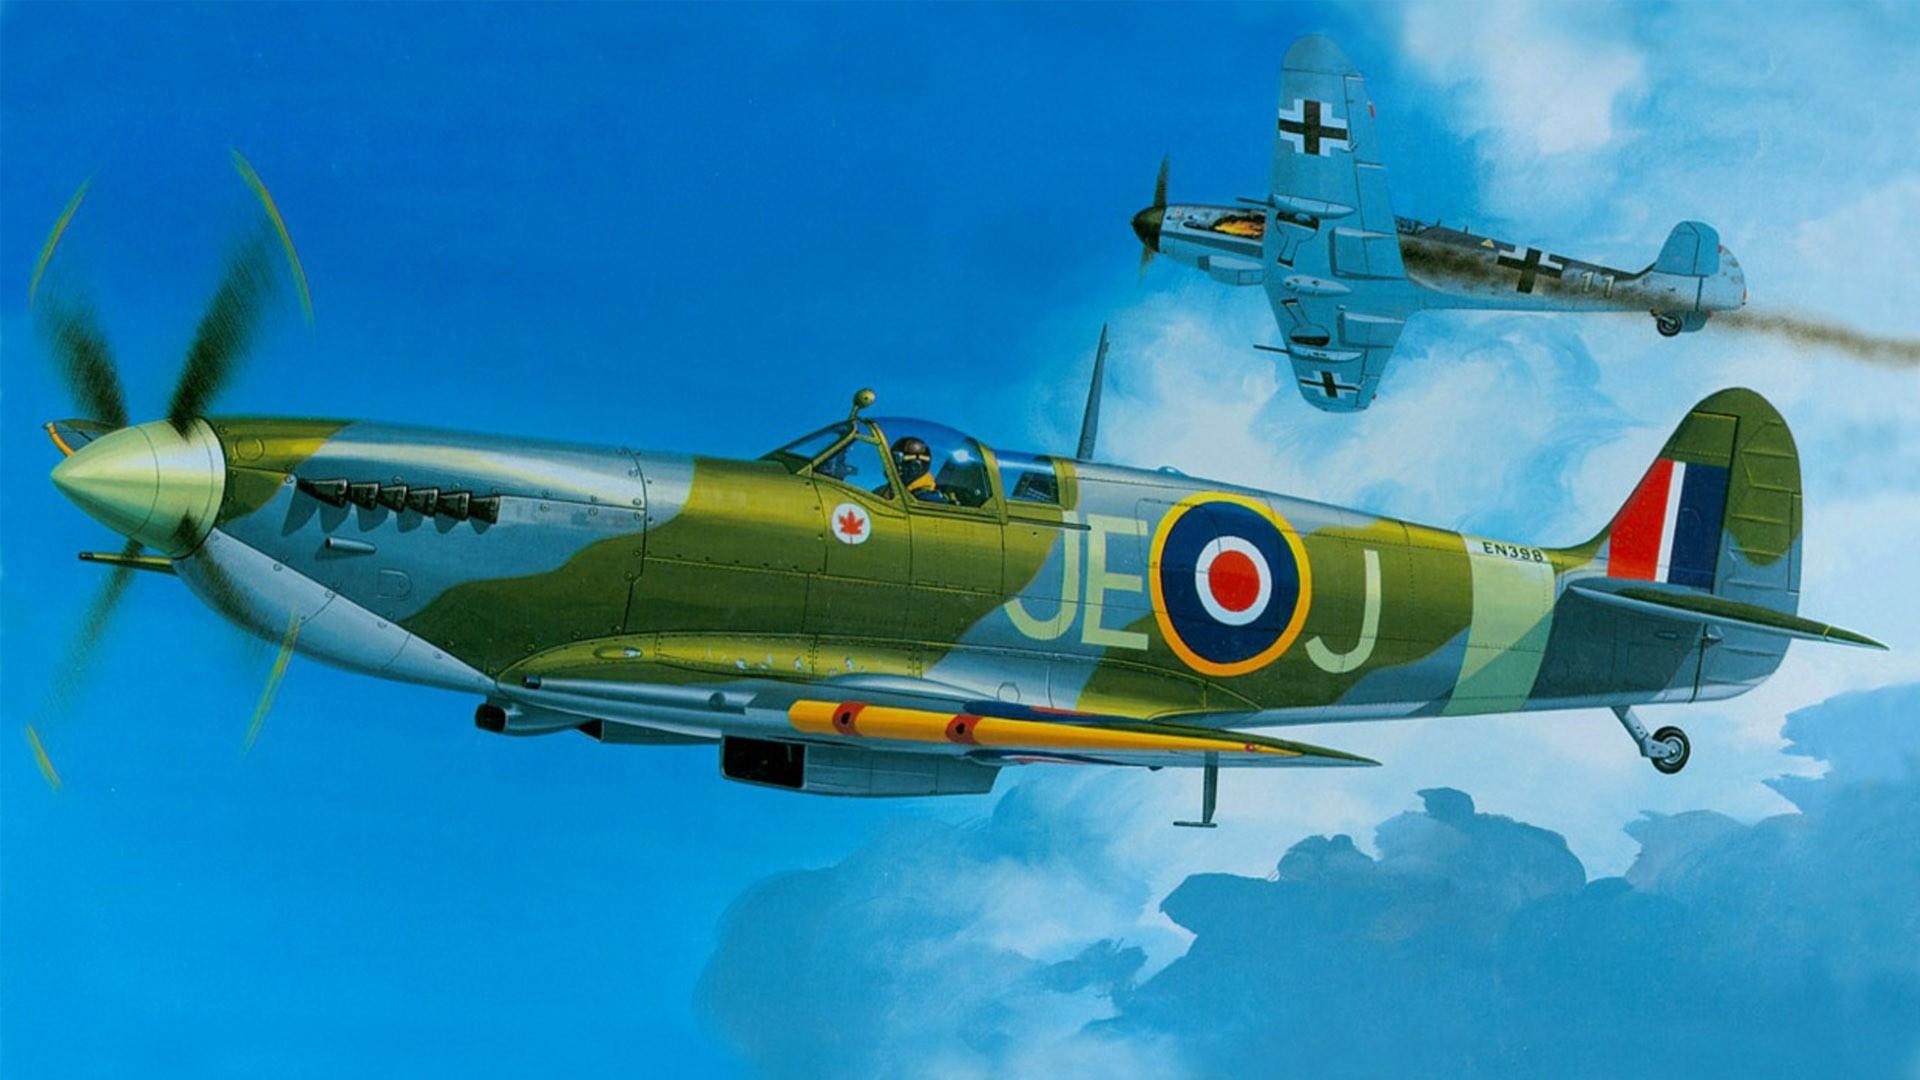 Res: 1920x1080, Supermarine Spitfire HD Wallpaper | Hintergrund |  | ID:435482 -  Wallpaper Abyss